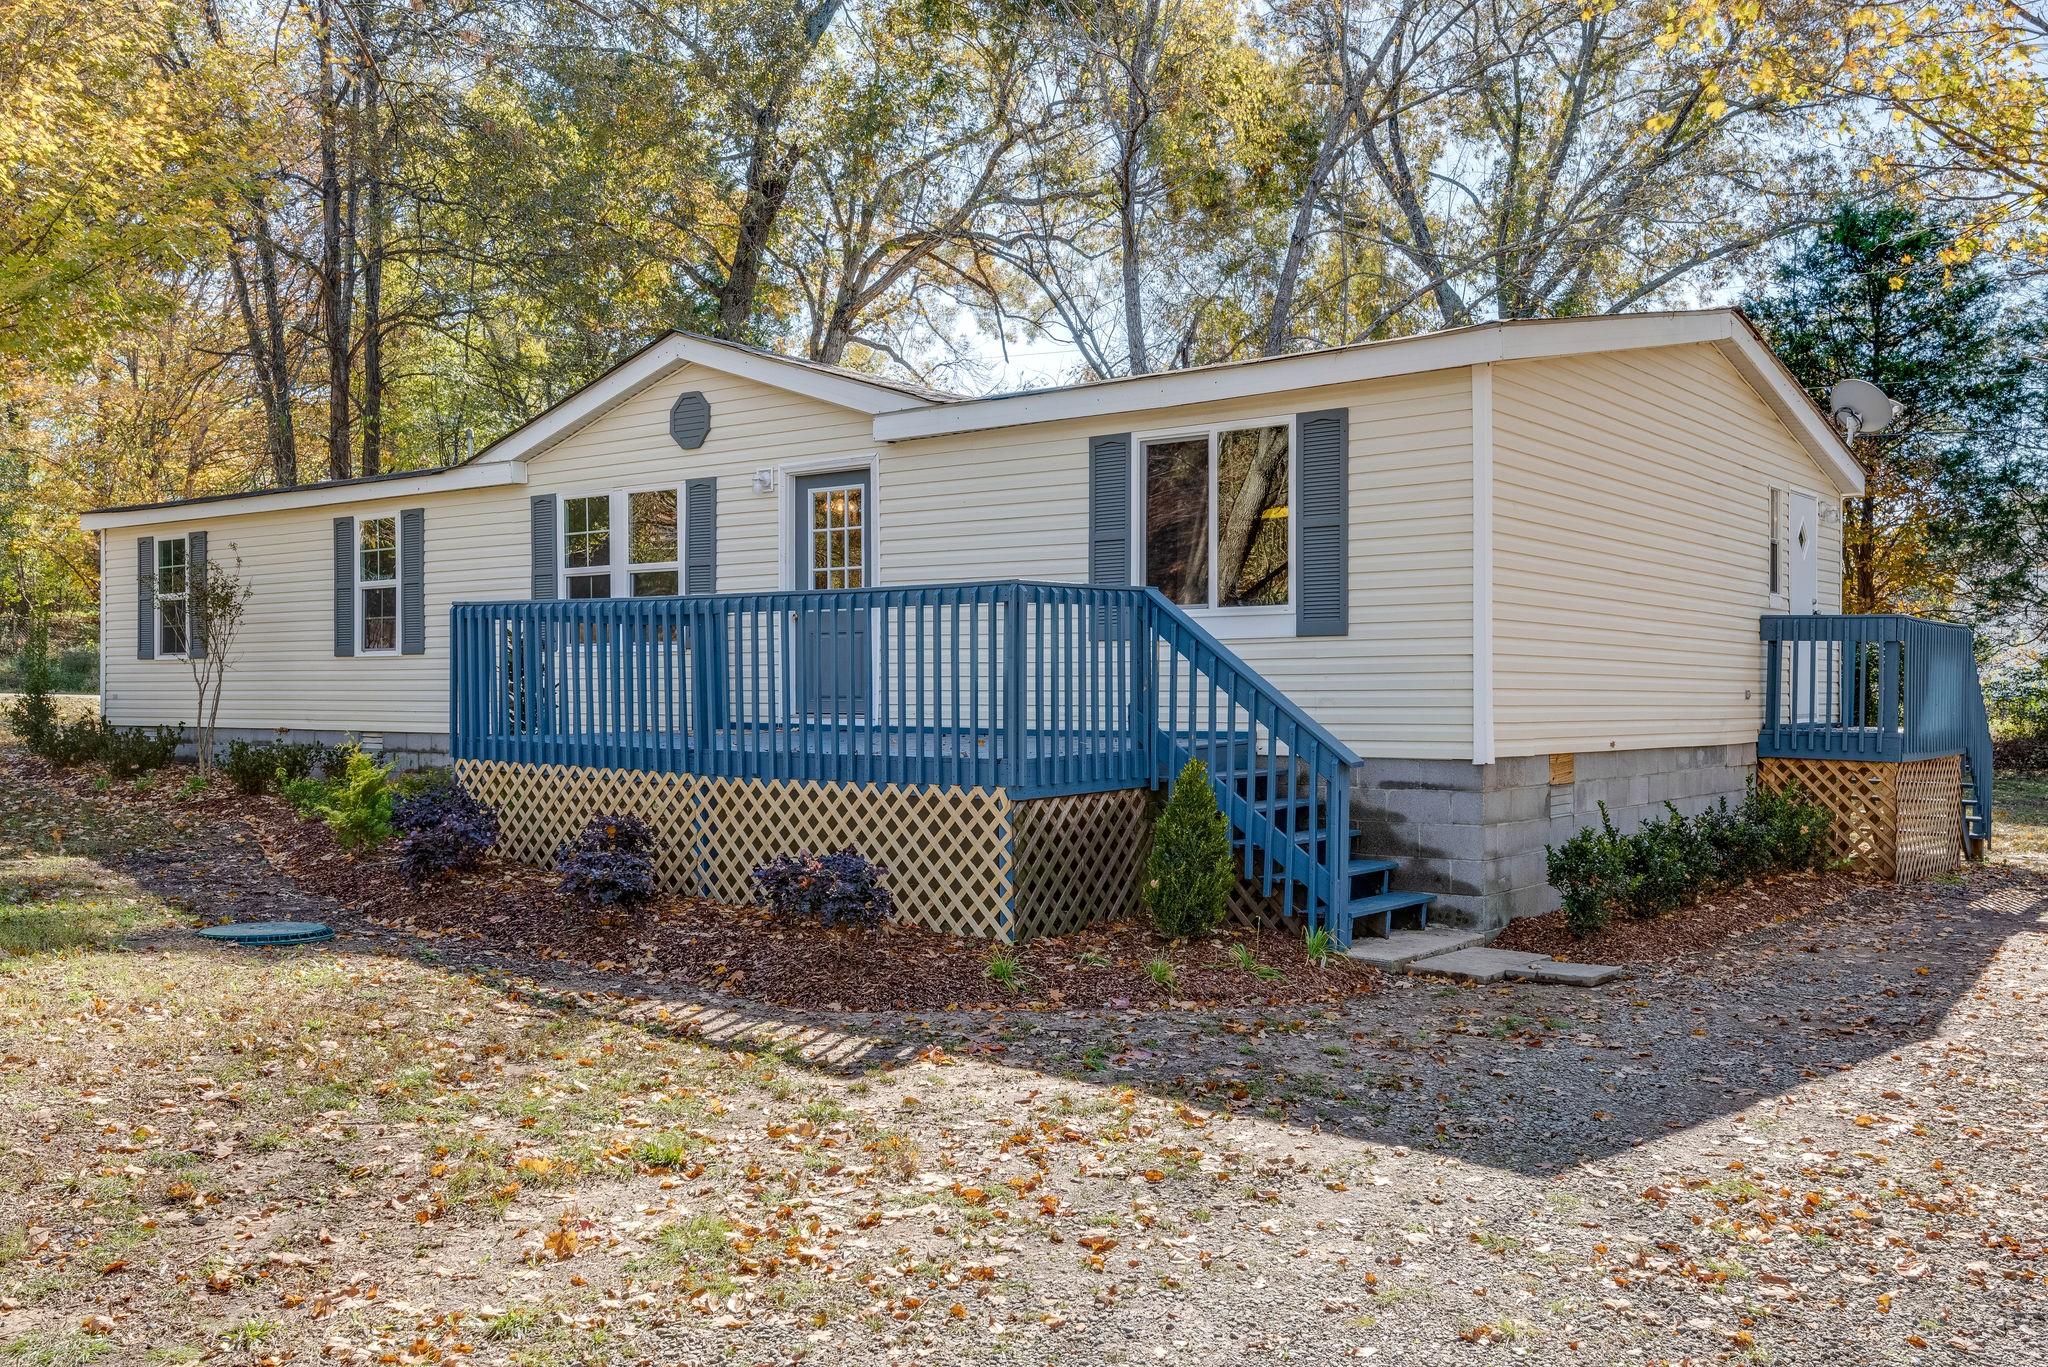 236 Hillcrest Rd, Kingston Springs, TN 37082 - Kingston Springs, TN real estate listing